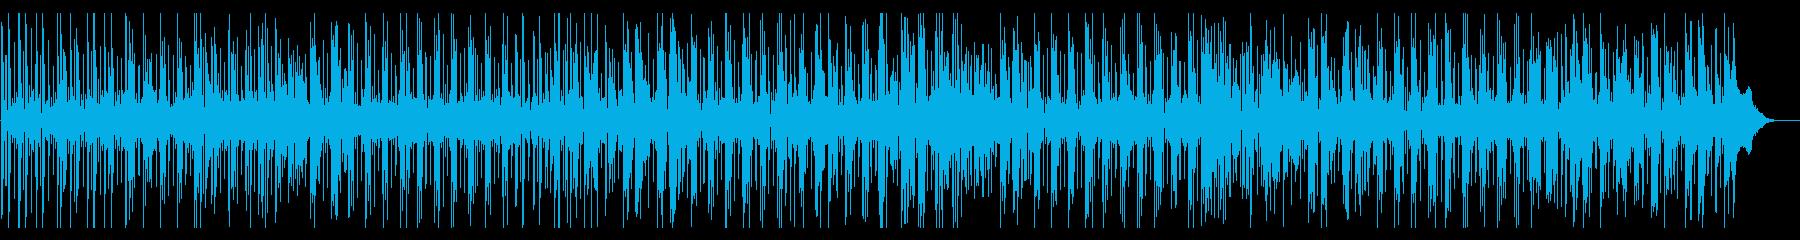 60年代モータウン風のファンクジャズの再生済みの波形